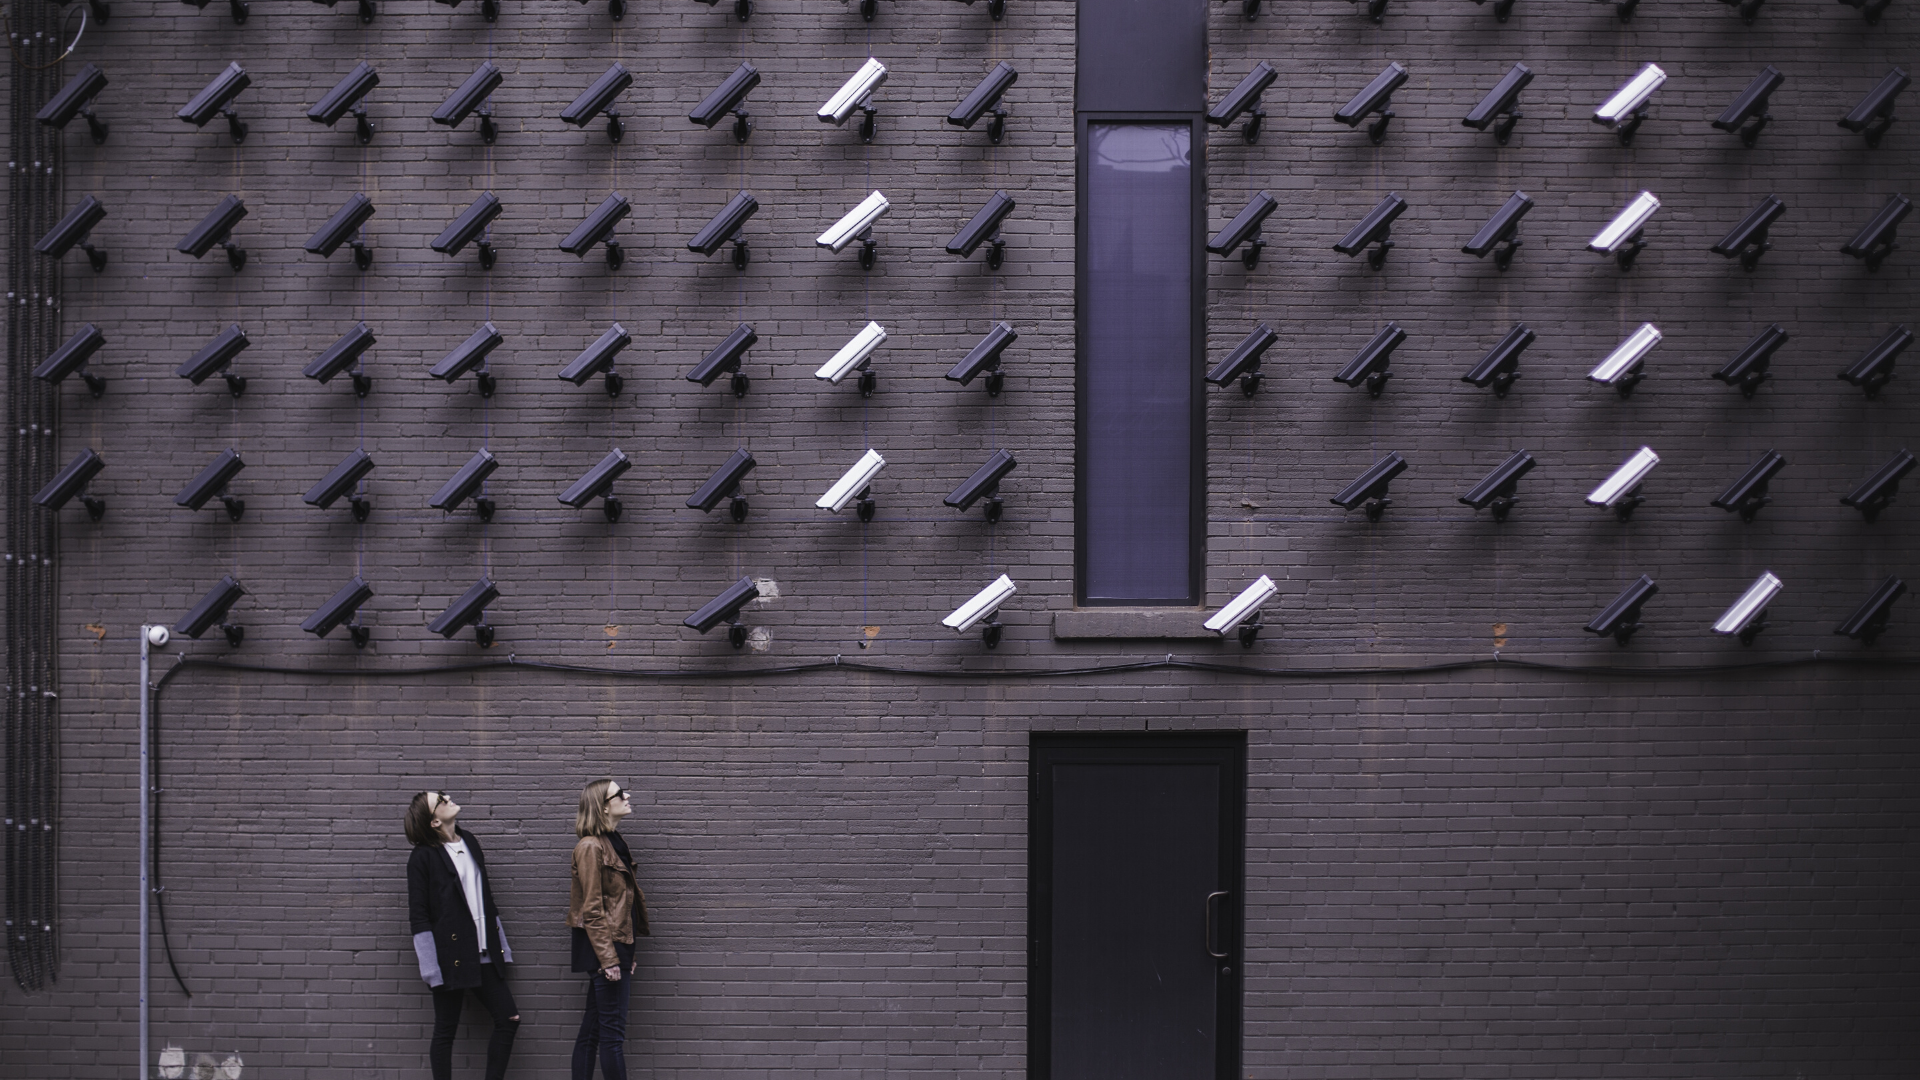 ဘယ်လို CCTV ကင်မရာ အမျိုးအစားတွေ အသုံးများကြလဲ။